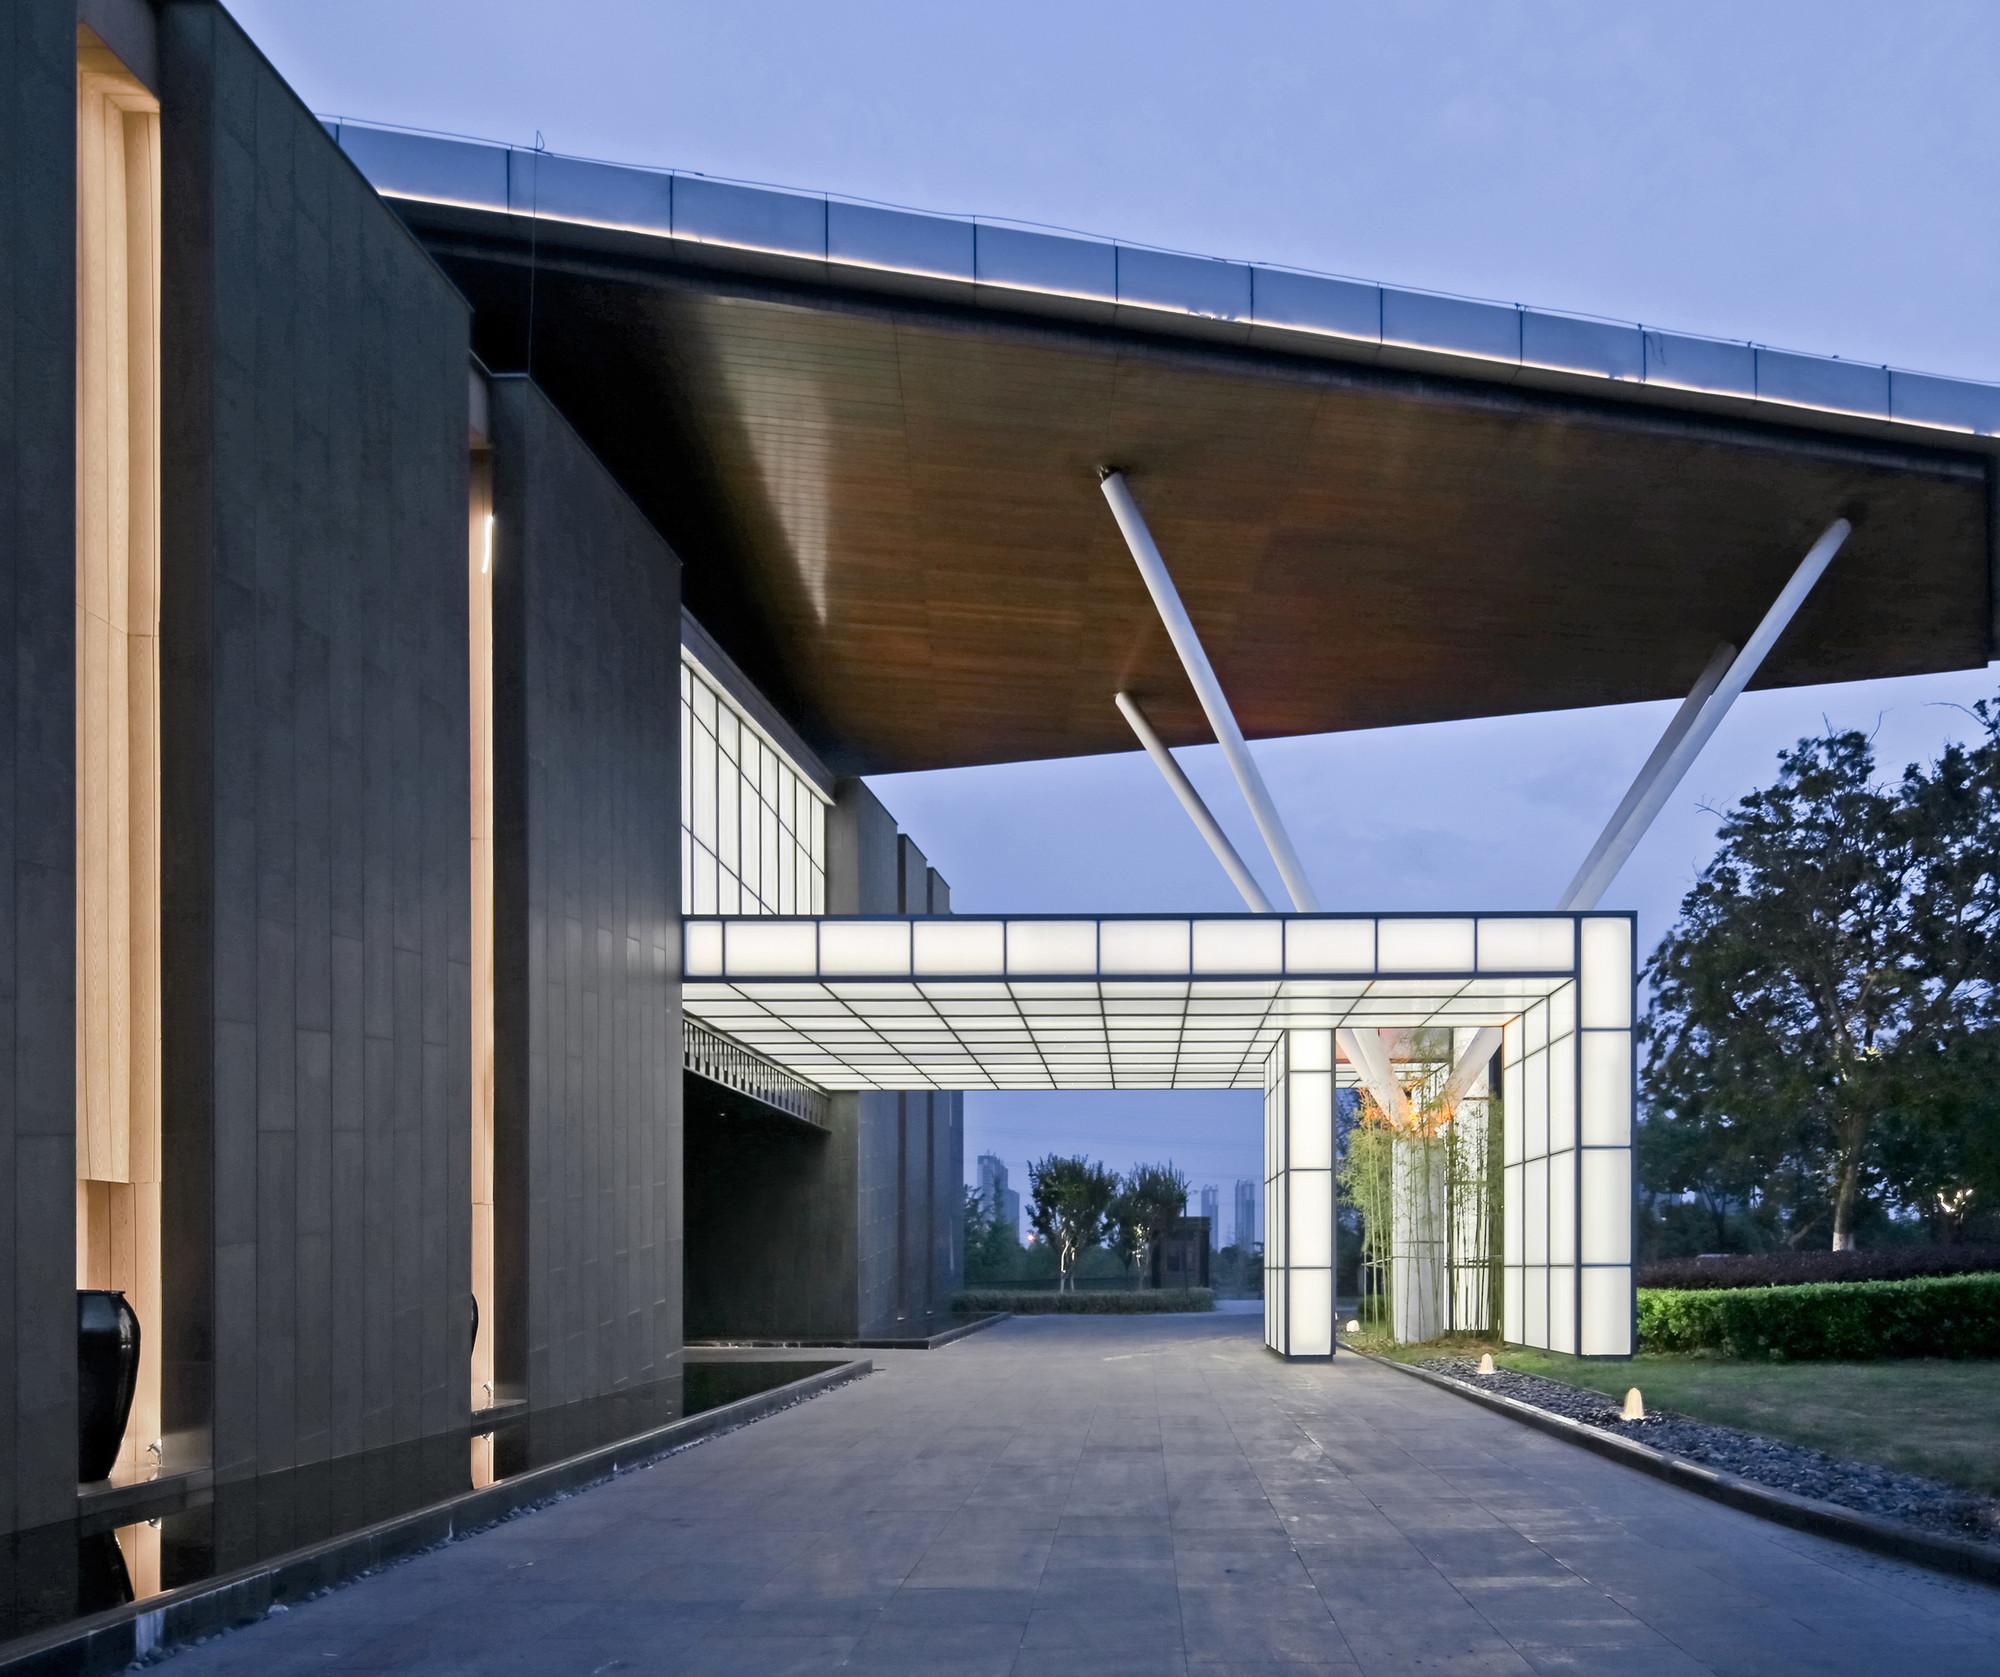 Boutique Hotel Design Architecture